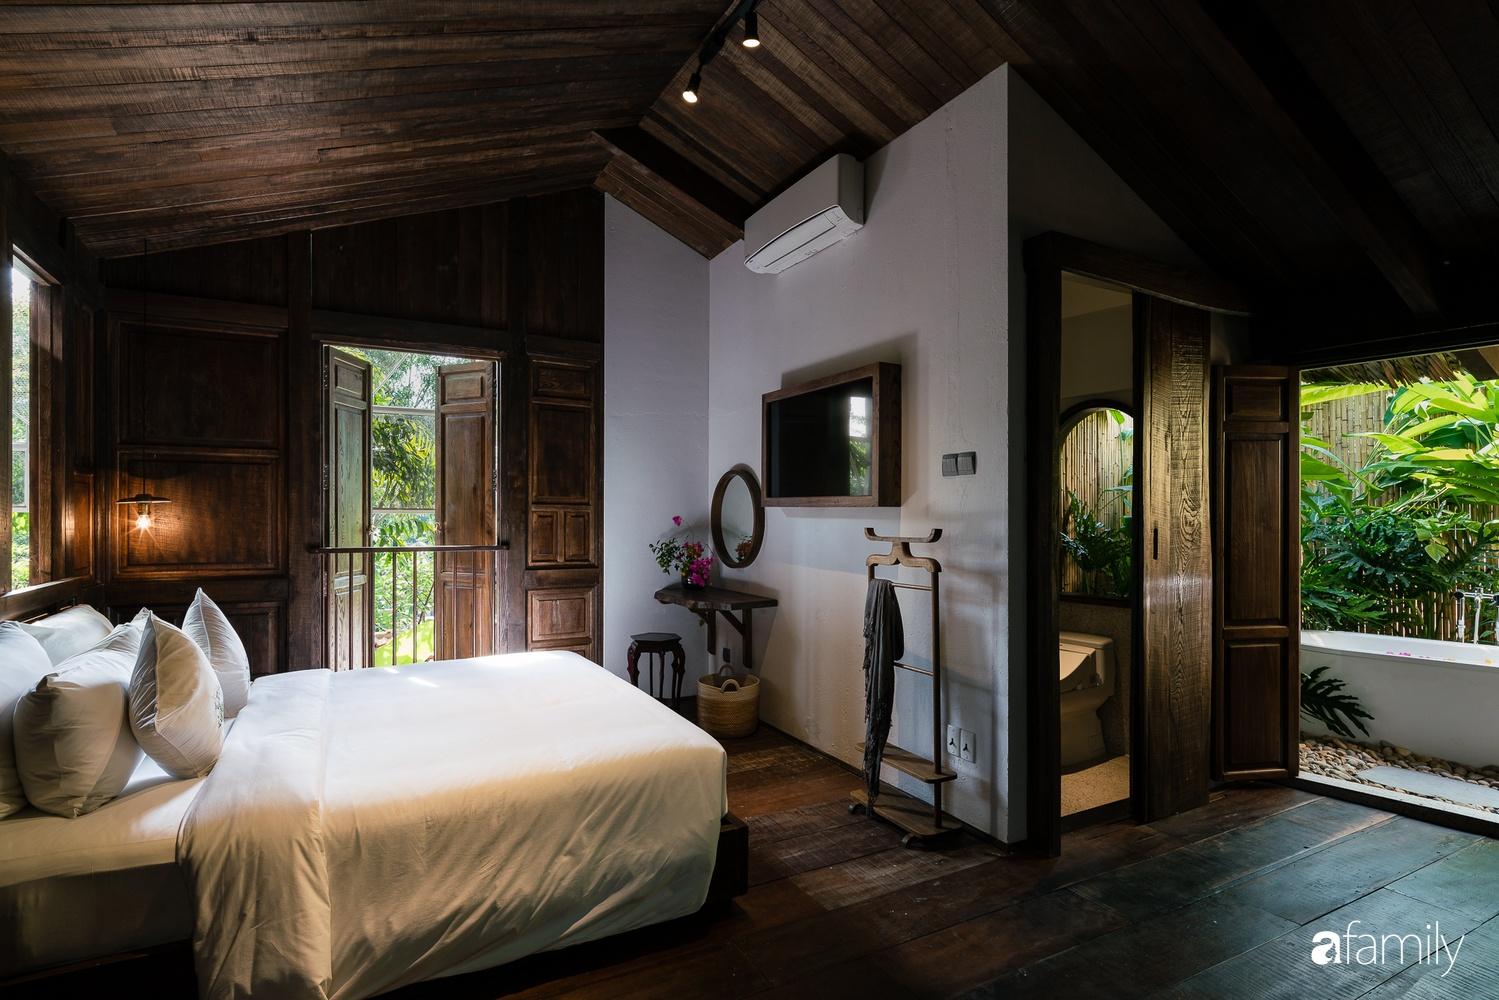 Ngôi nhà gỗ với thiết kế giống tổ chim đẹp như resort nghỉ dưỡng đậm chất thơ trong lòng Sài Gòn - Ảnh 18.